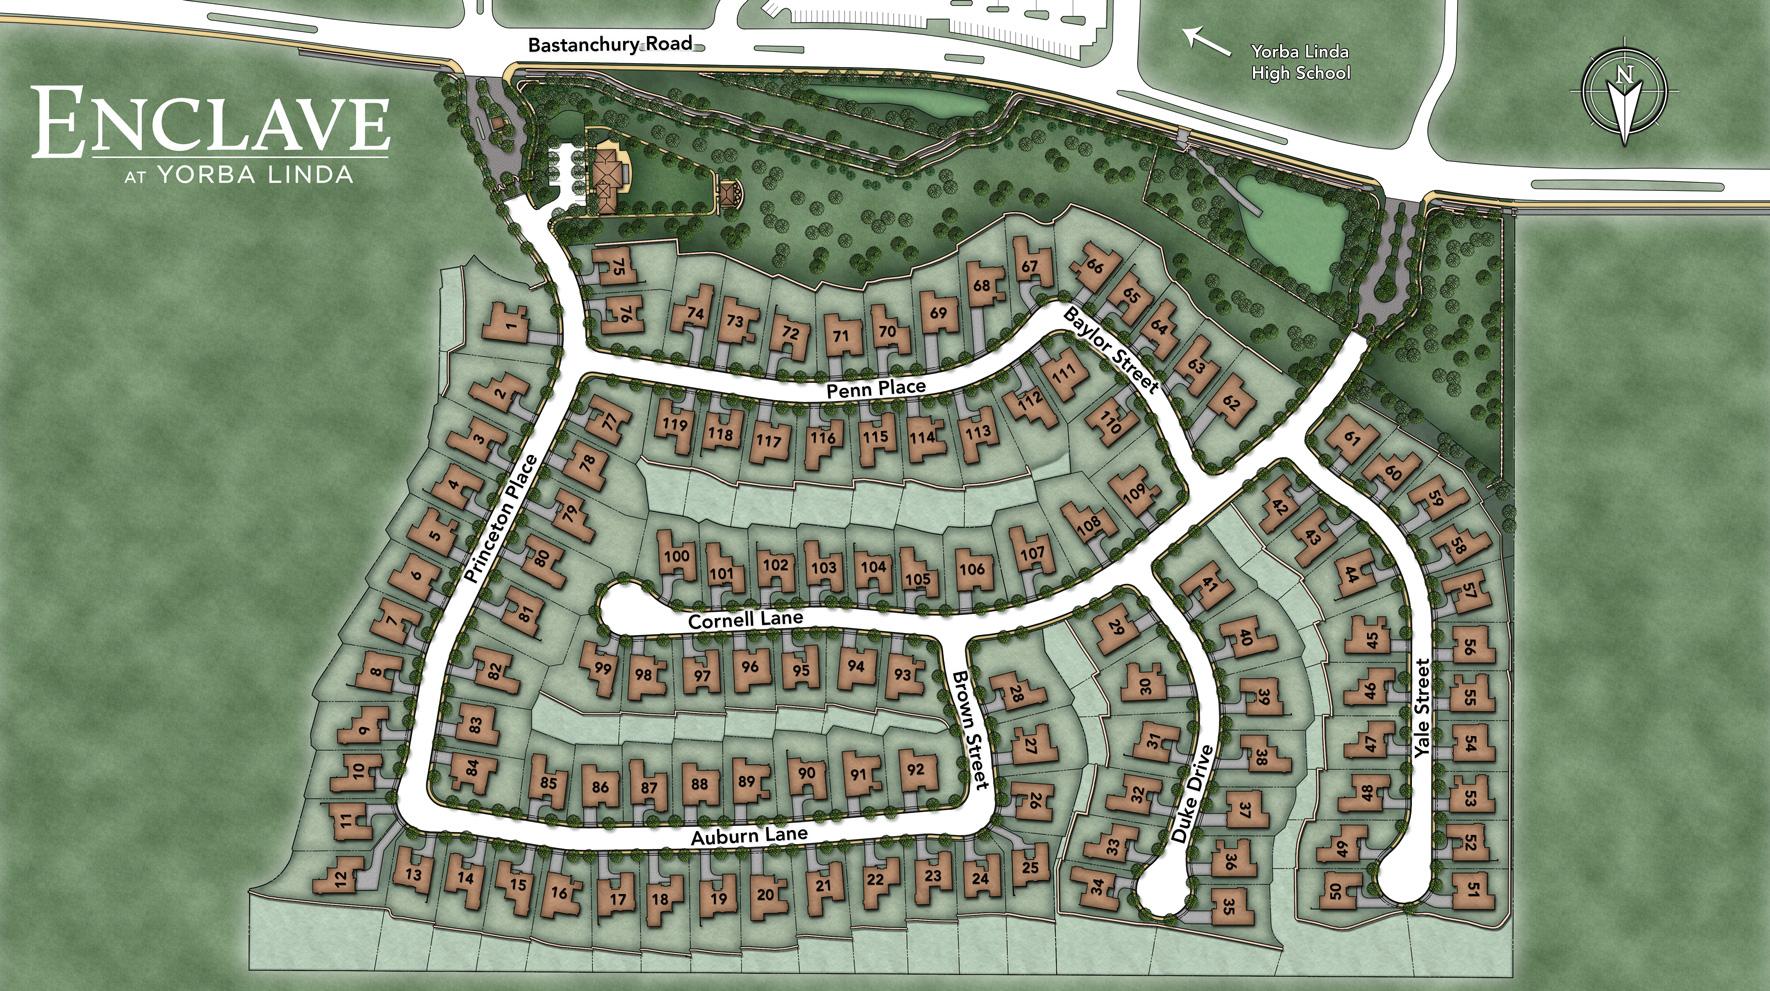 Enclave at Yorba Linda Site Plan